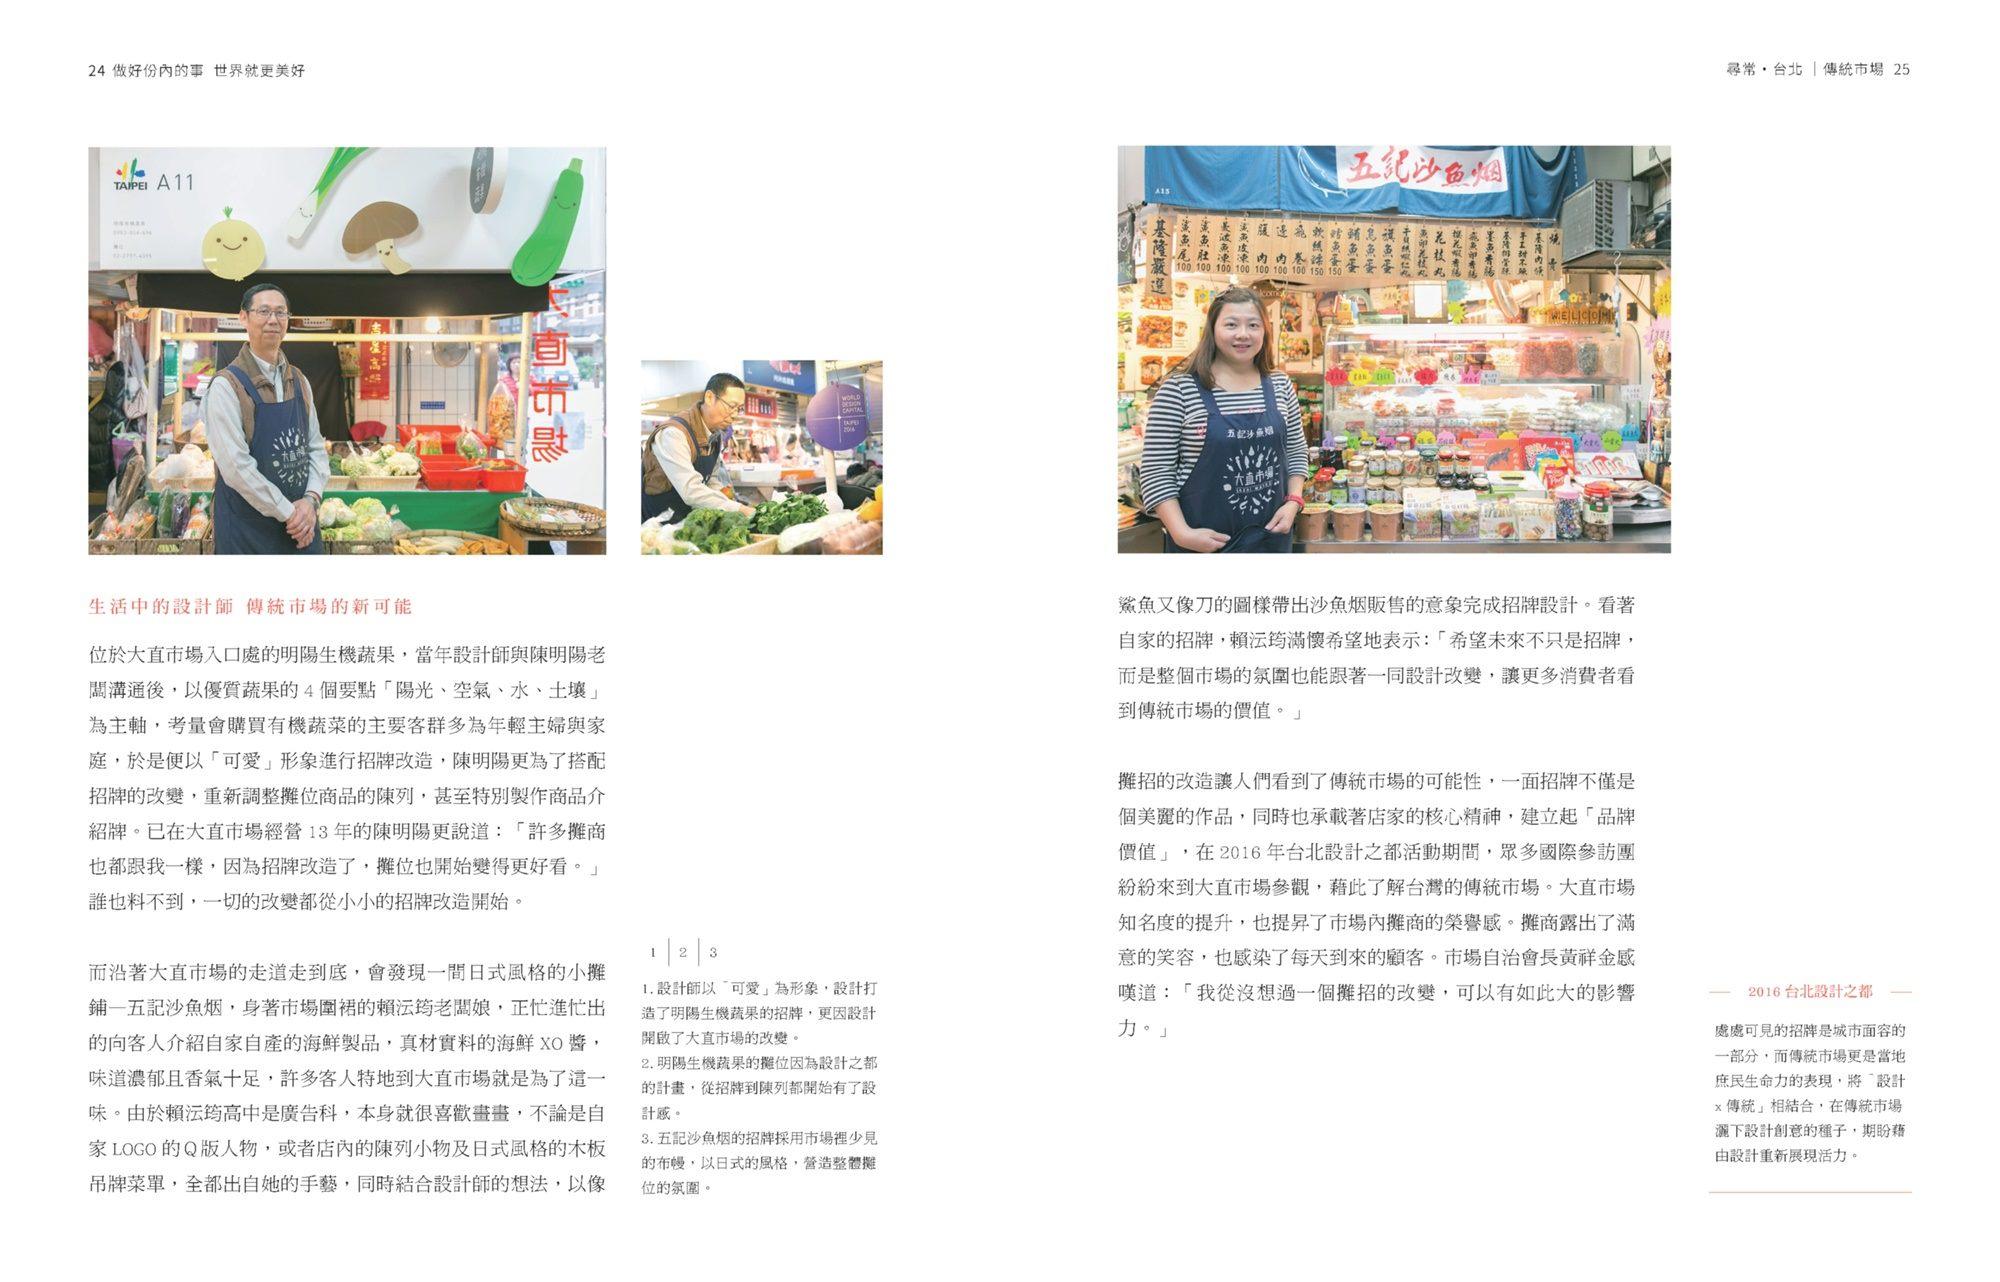 傳統市場-內頁縮圖2